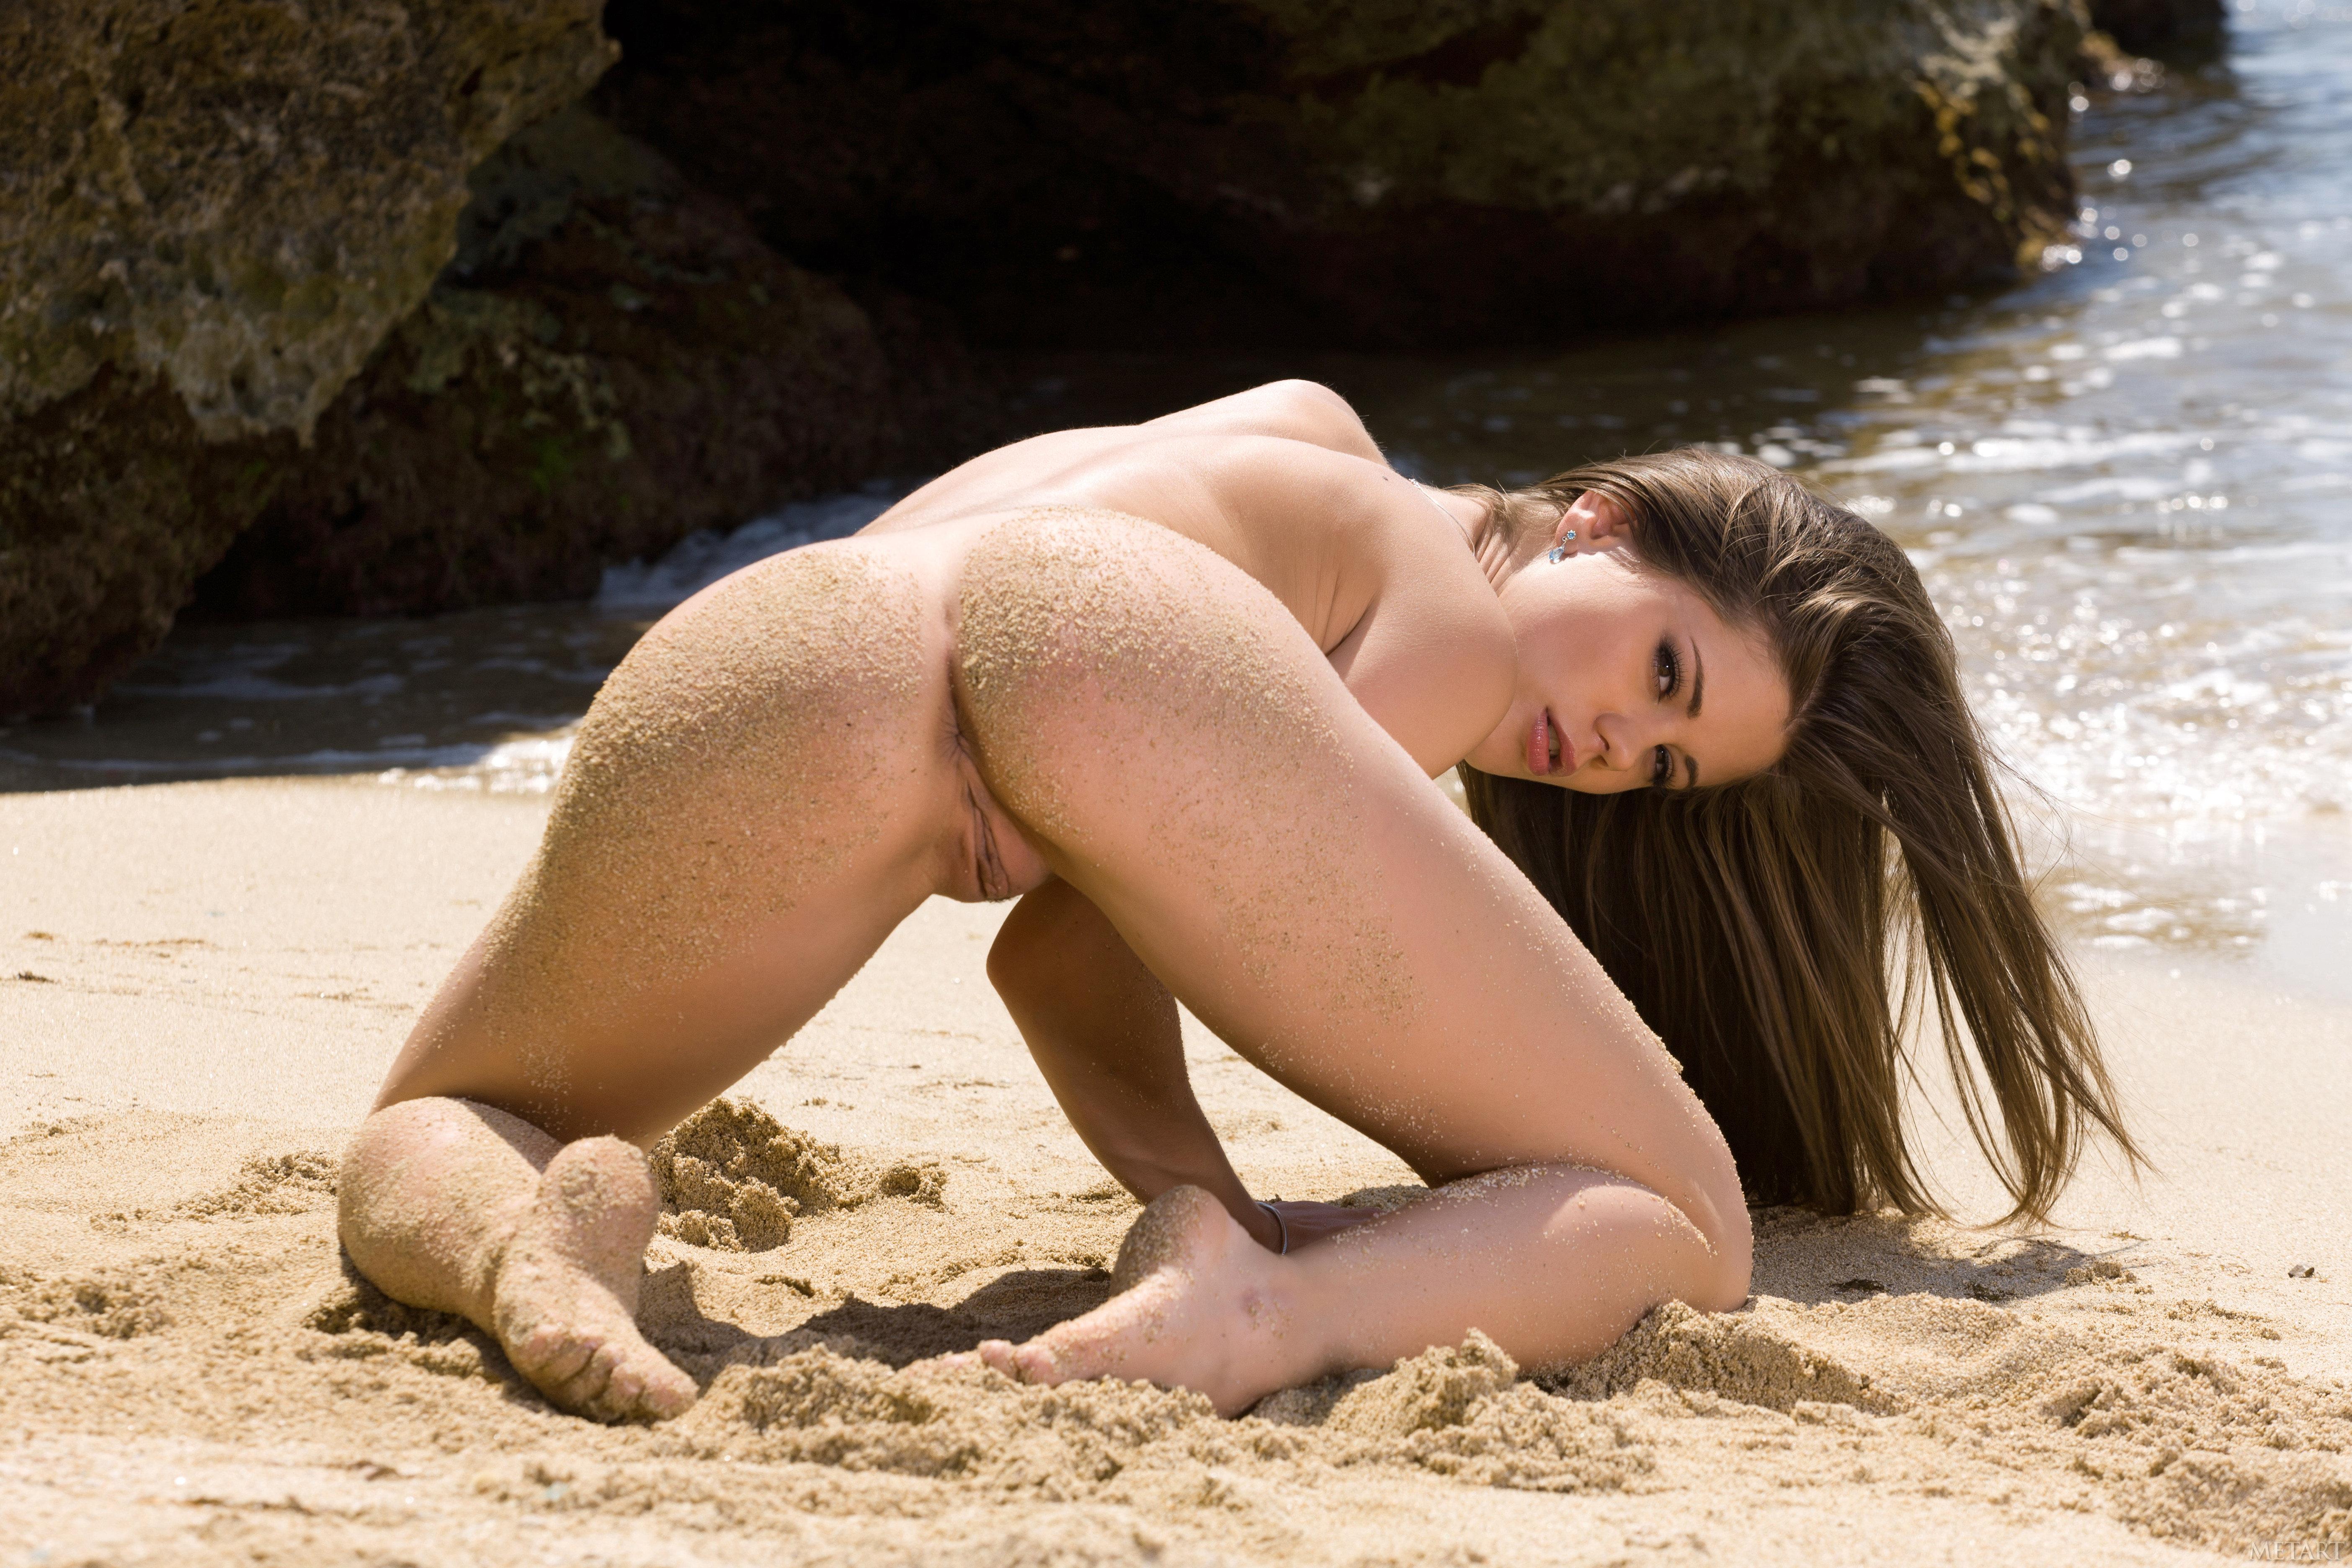 Эротика на пляже в нд 24 фотография